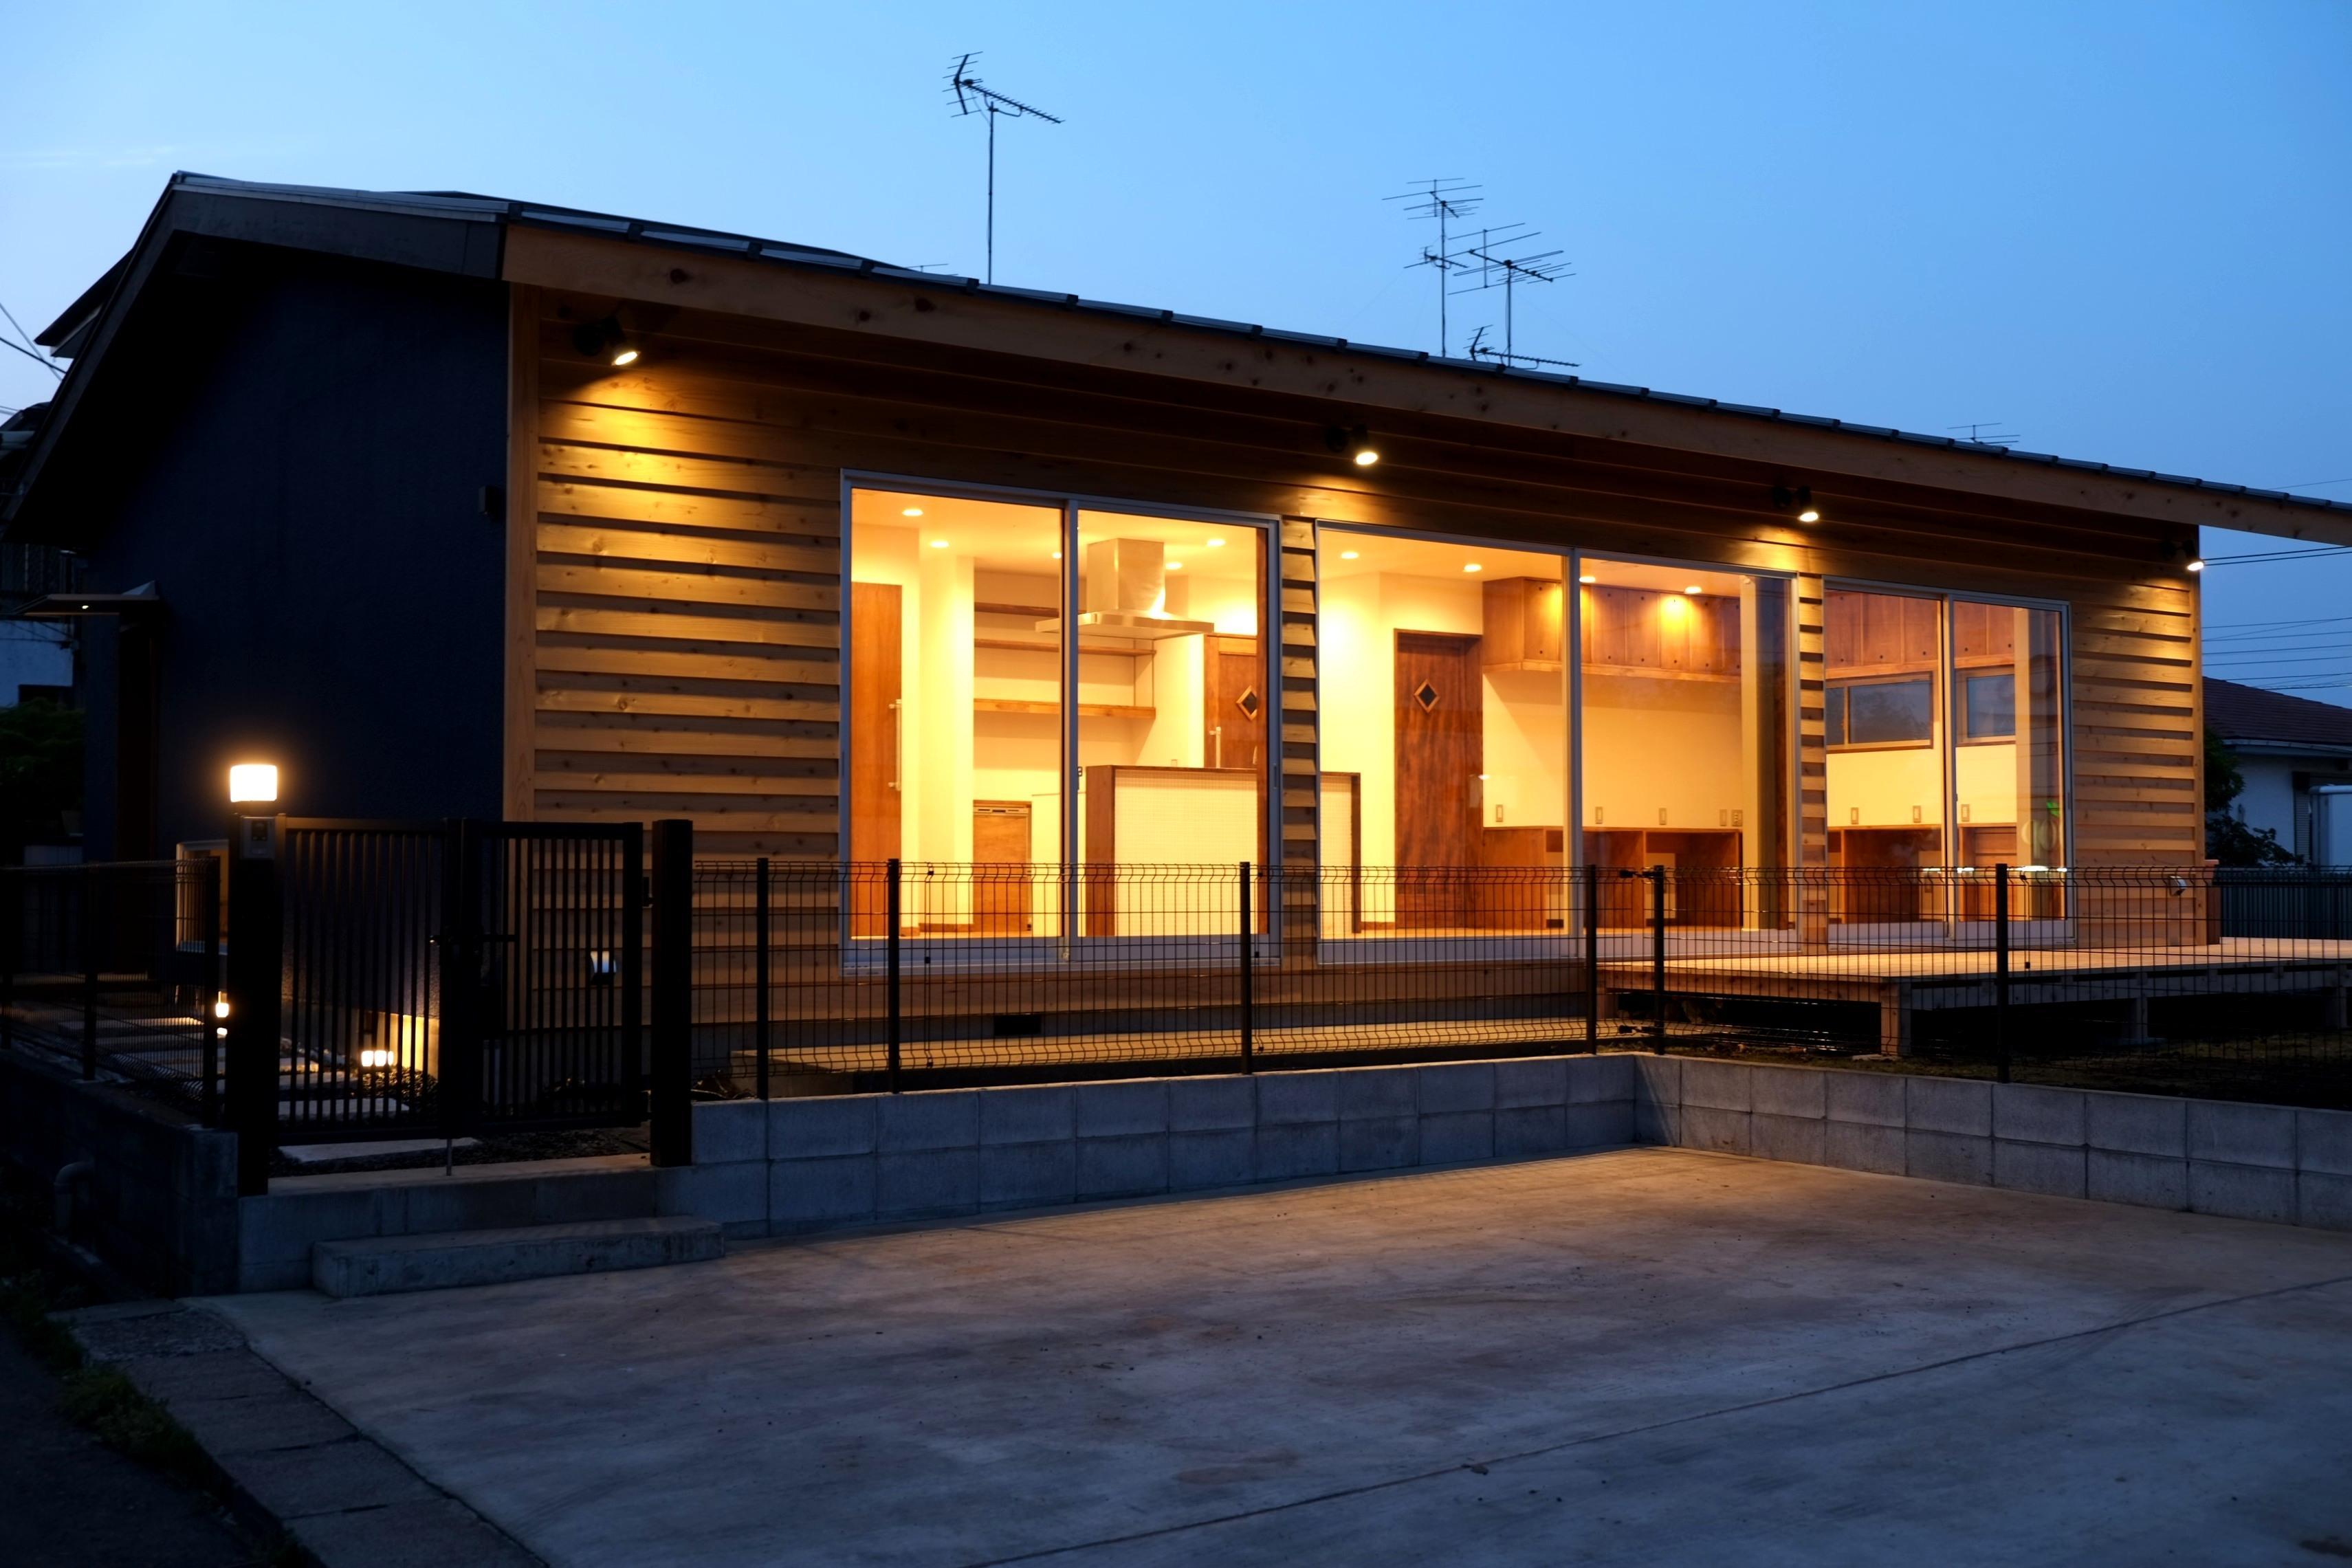 R+HOUSEのパース/模型/CG/スケッチなど